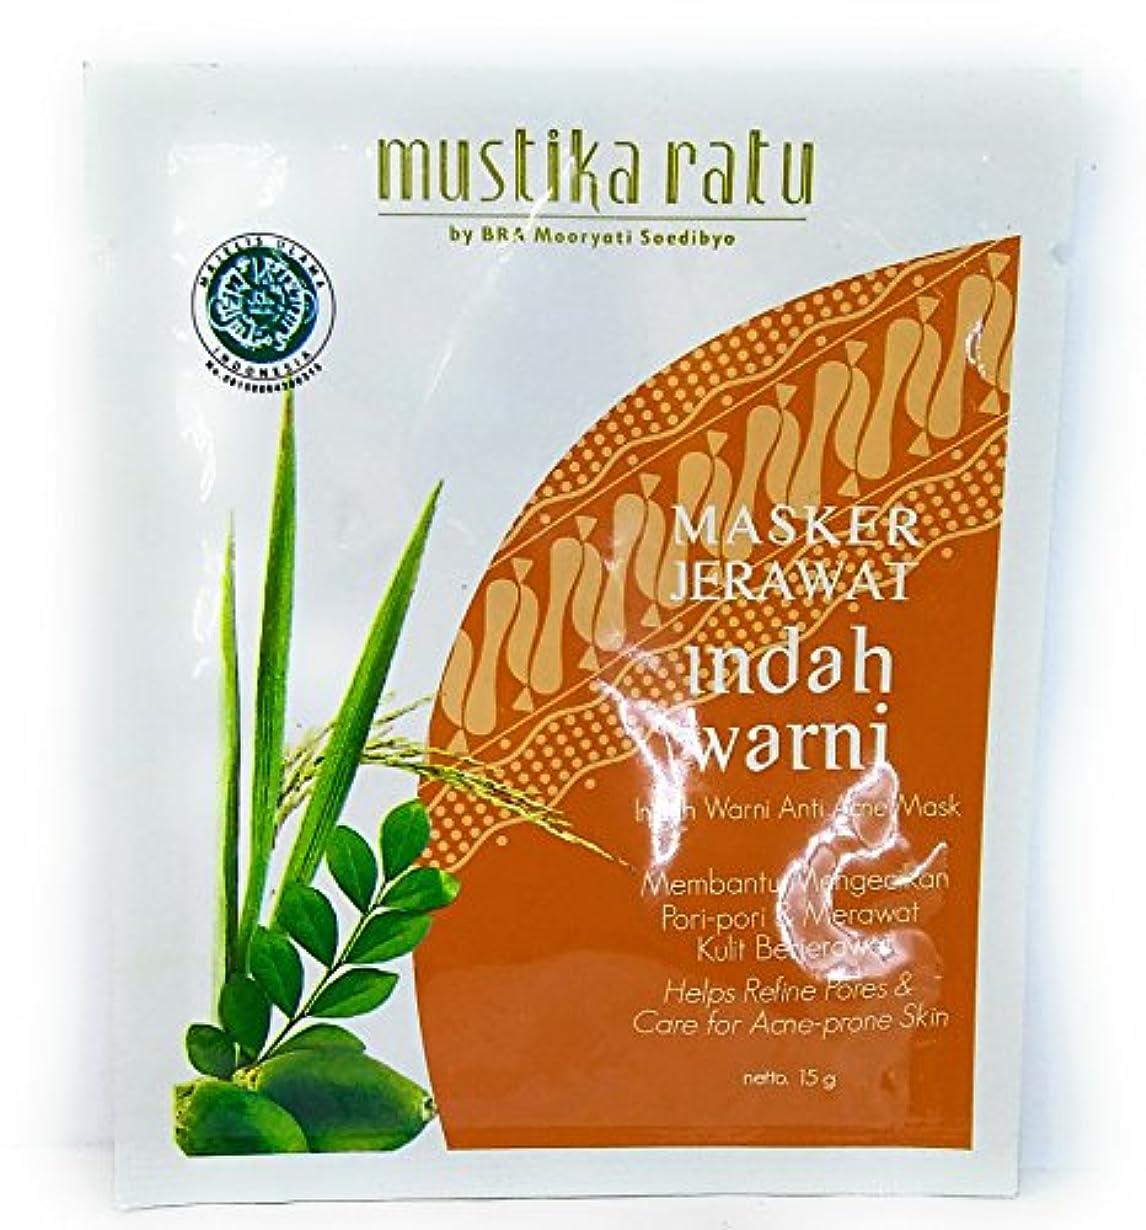 コロニー眠っている合併Mustika Ratu マスカーインダwarniアンチアクネマスク、15グラム(10パック)